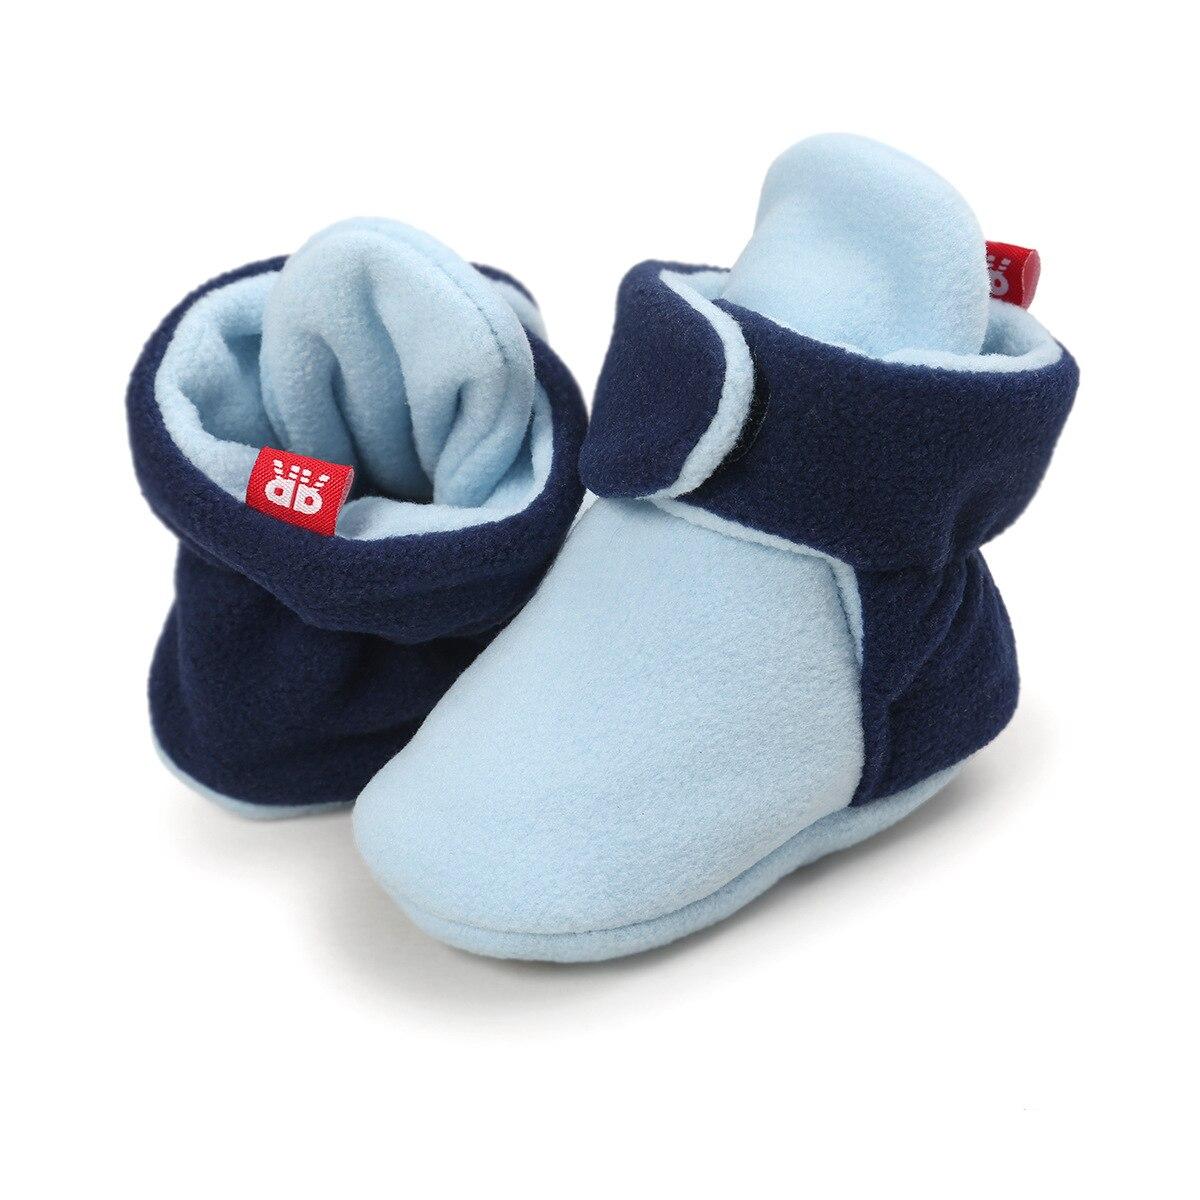 quente macio anti-deslizamento infantil berço sapatos